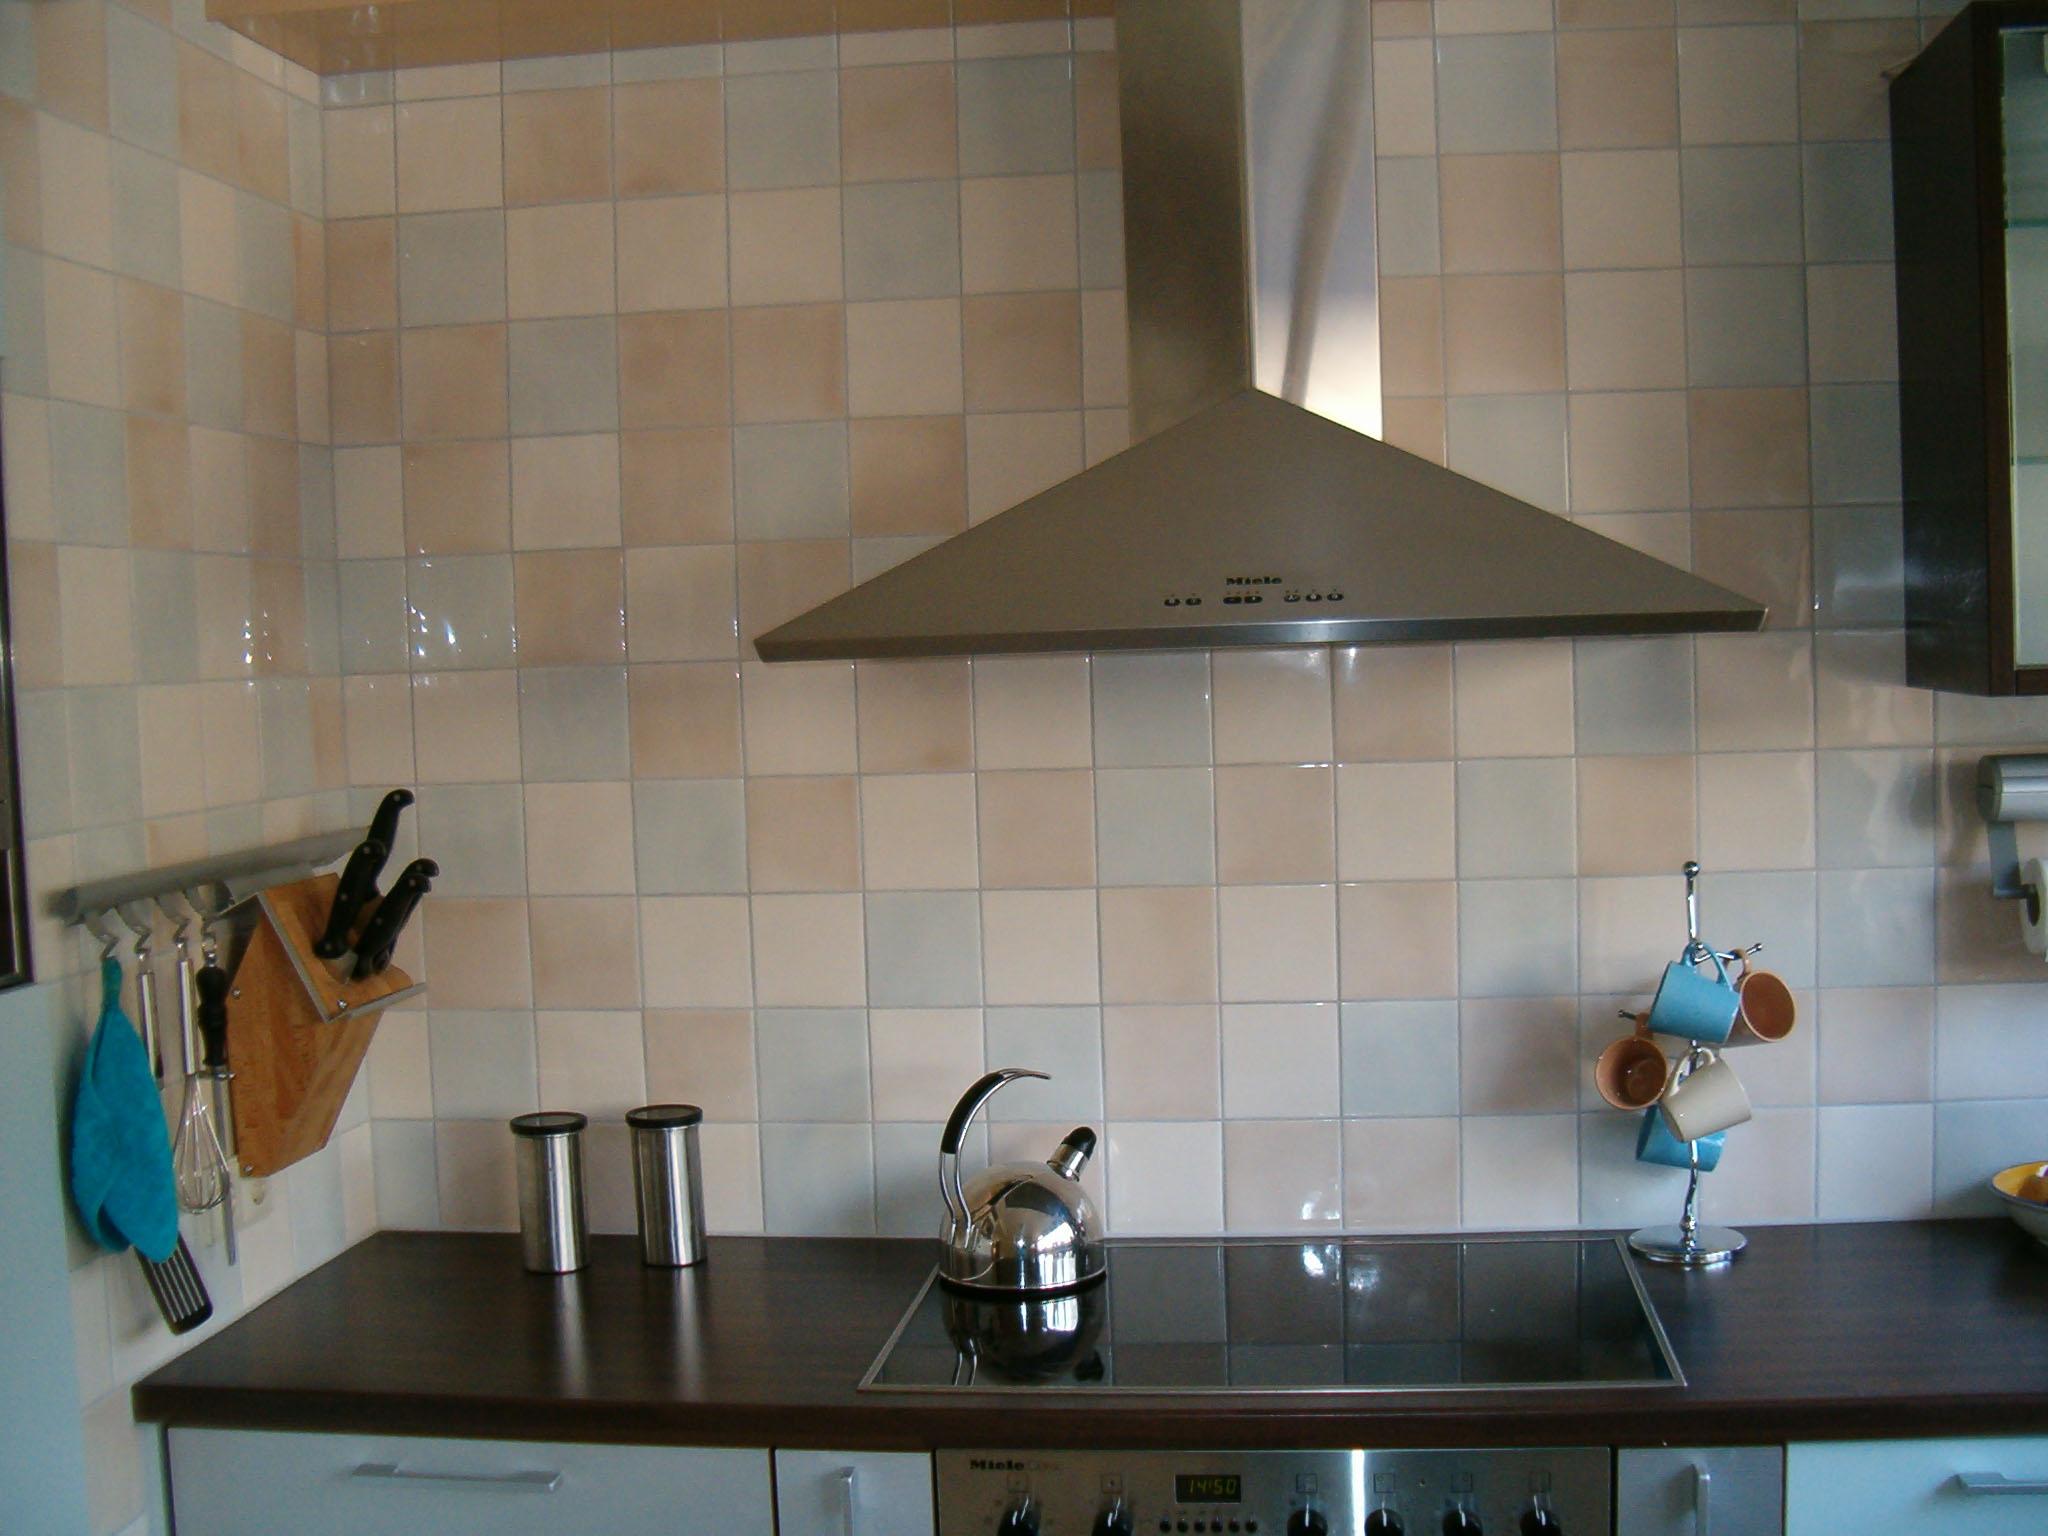 keuken wandtegels oud hollands : Wandtegels Keuken Voorbeelden Atumre Com